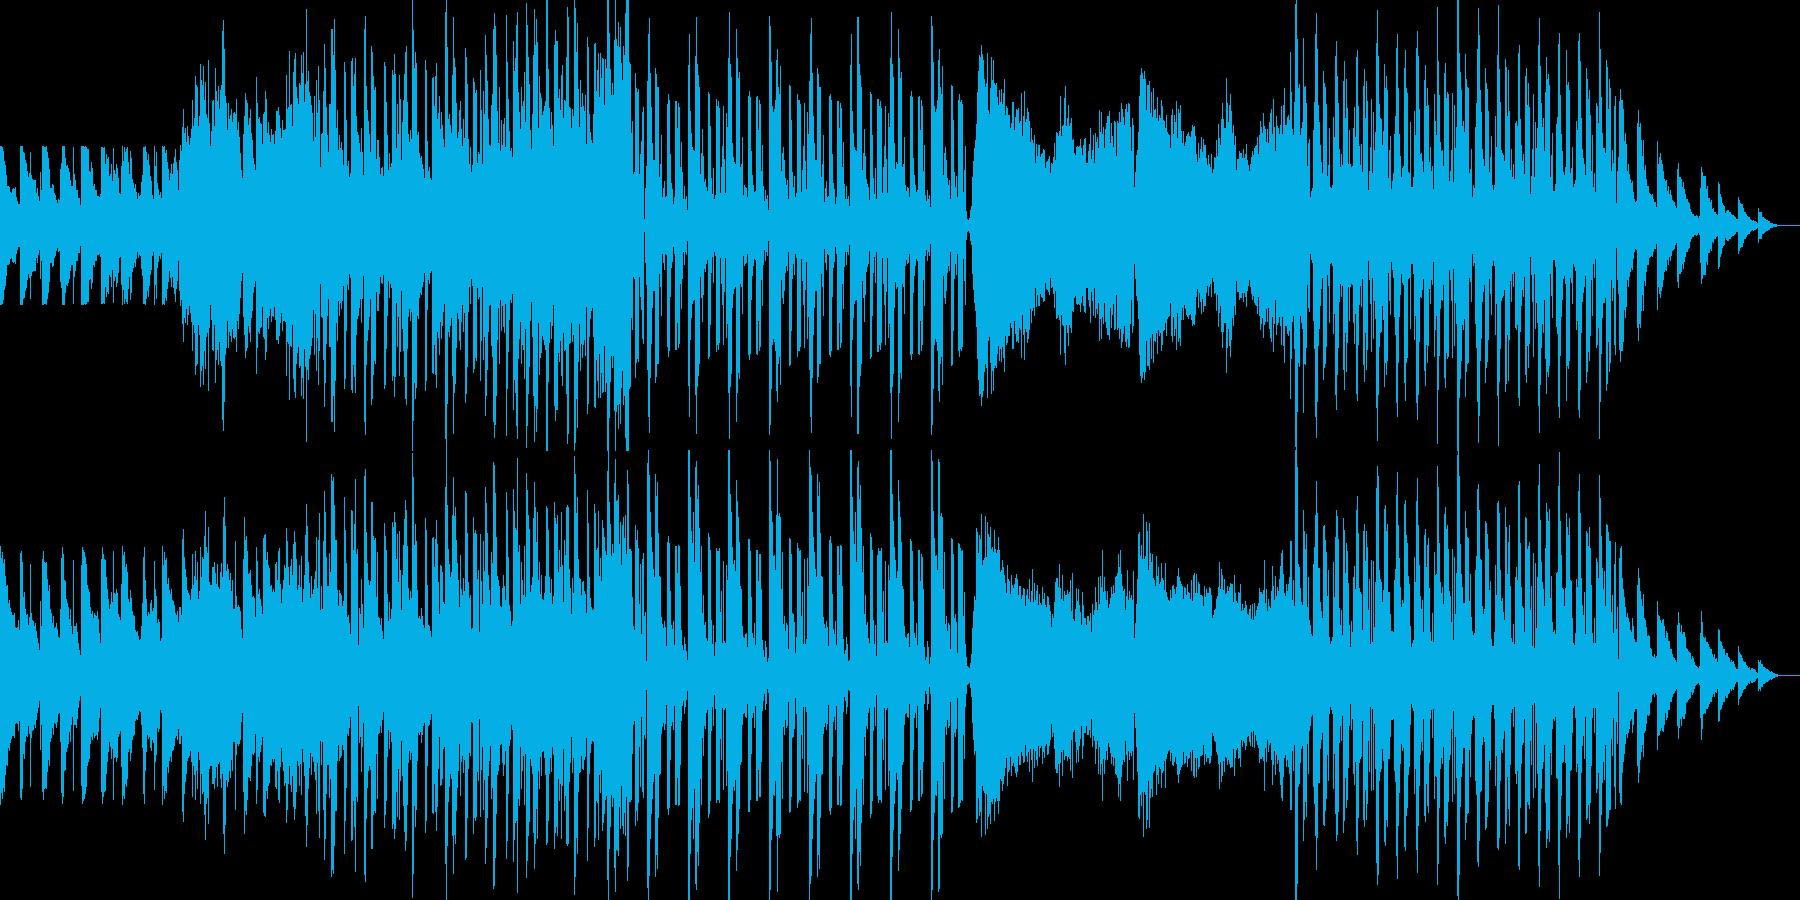 ジャジーなリラクゼーションアンビエントの再生済みの波形